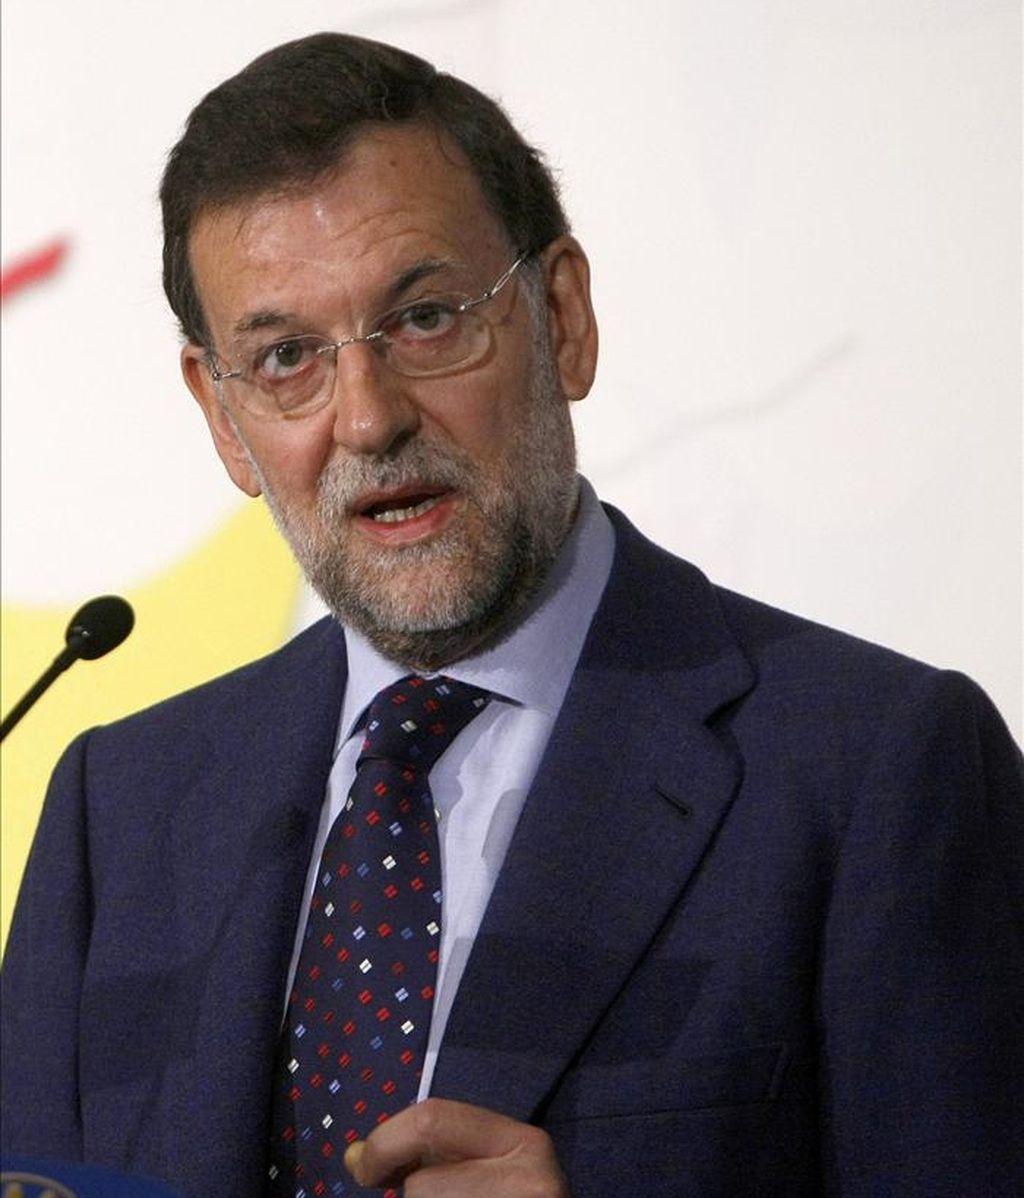 El presidente del PP, Mariano Rajoy en un desayuno informativo del Fórum Europa. EFE